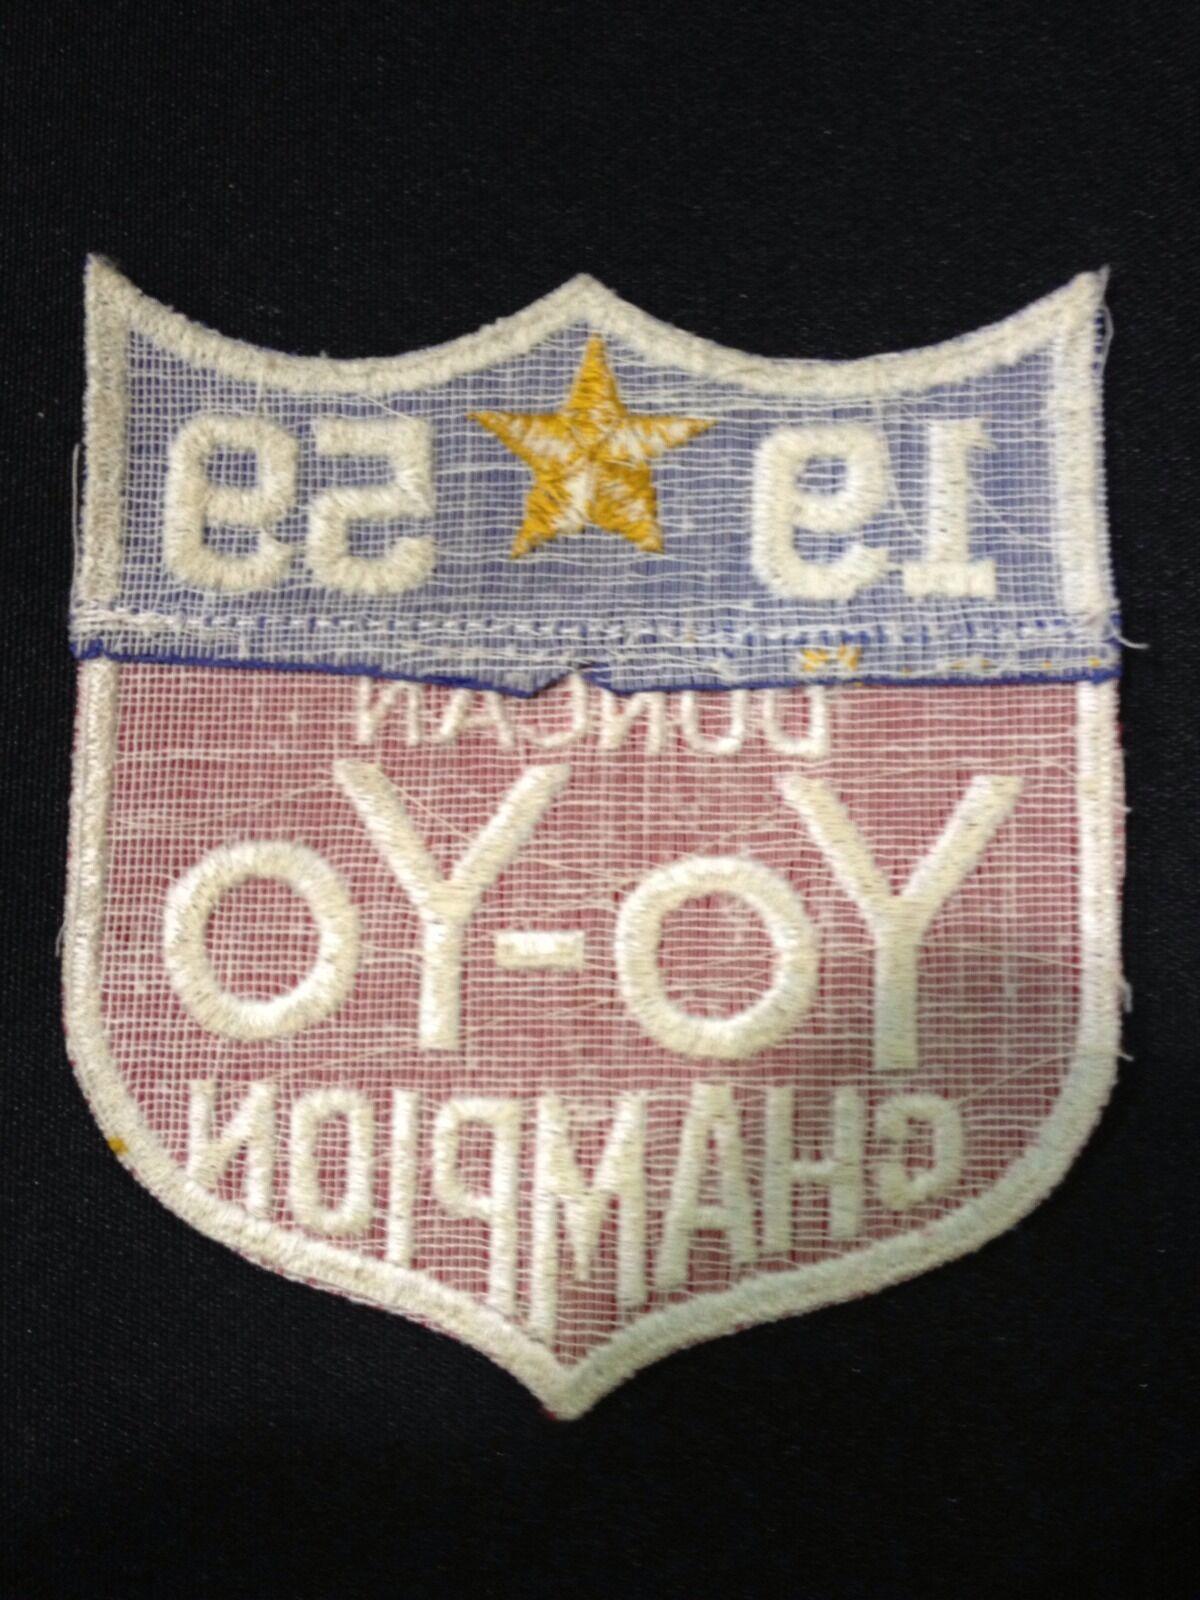 1959 DUNCAN YO-YO YO-YO YO-YO CHAMPION PATCH a0be64